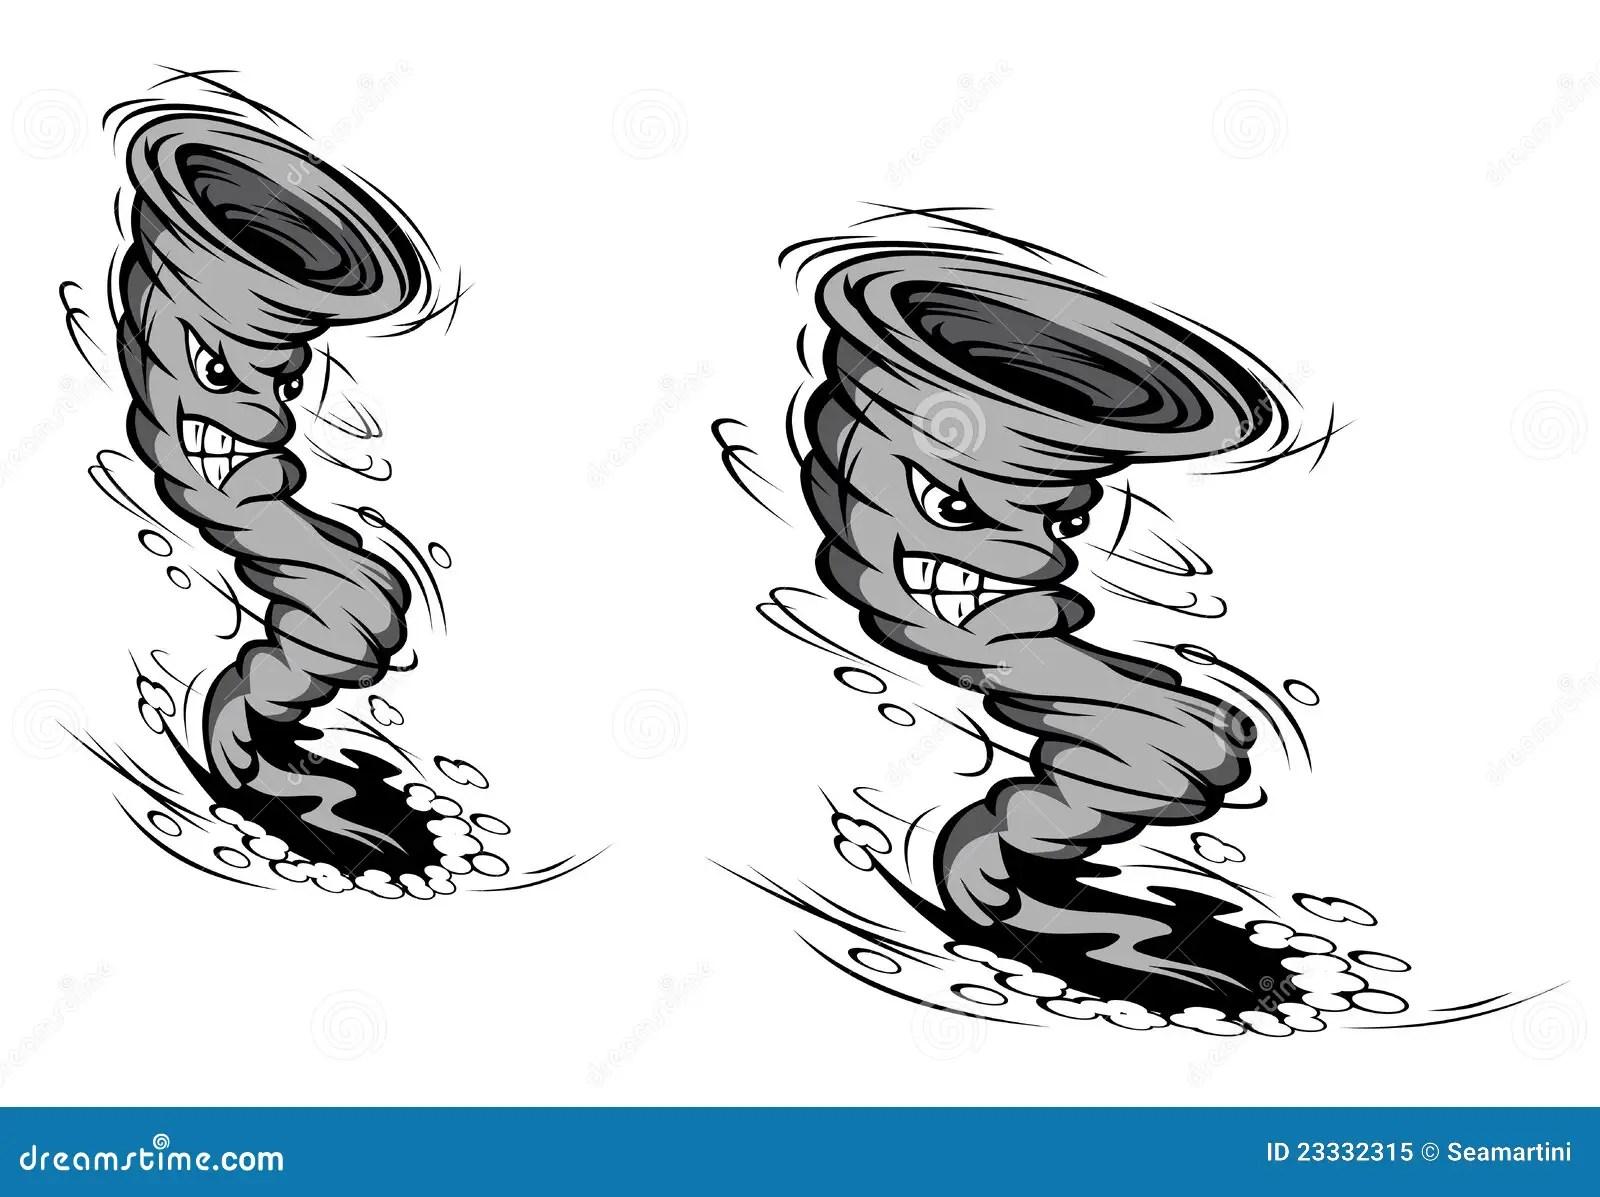 Cartoon Hurricane Royalty Free Stock Photo